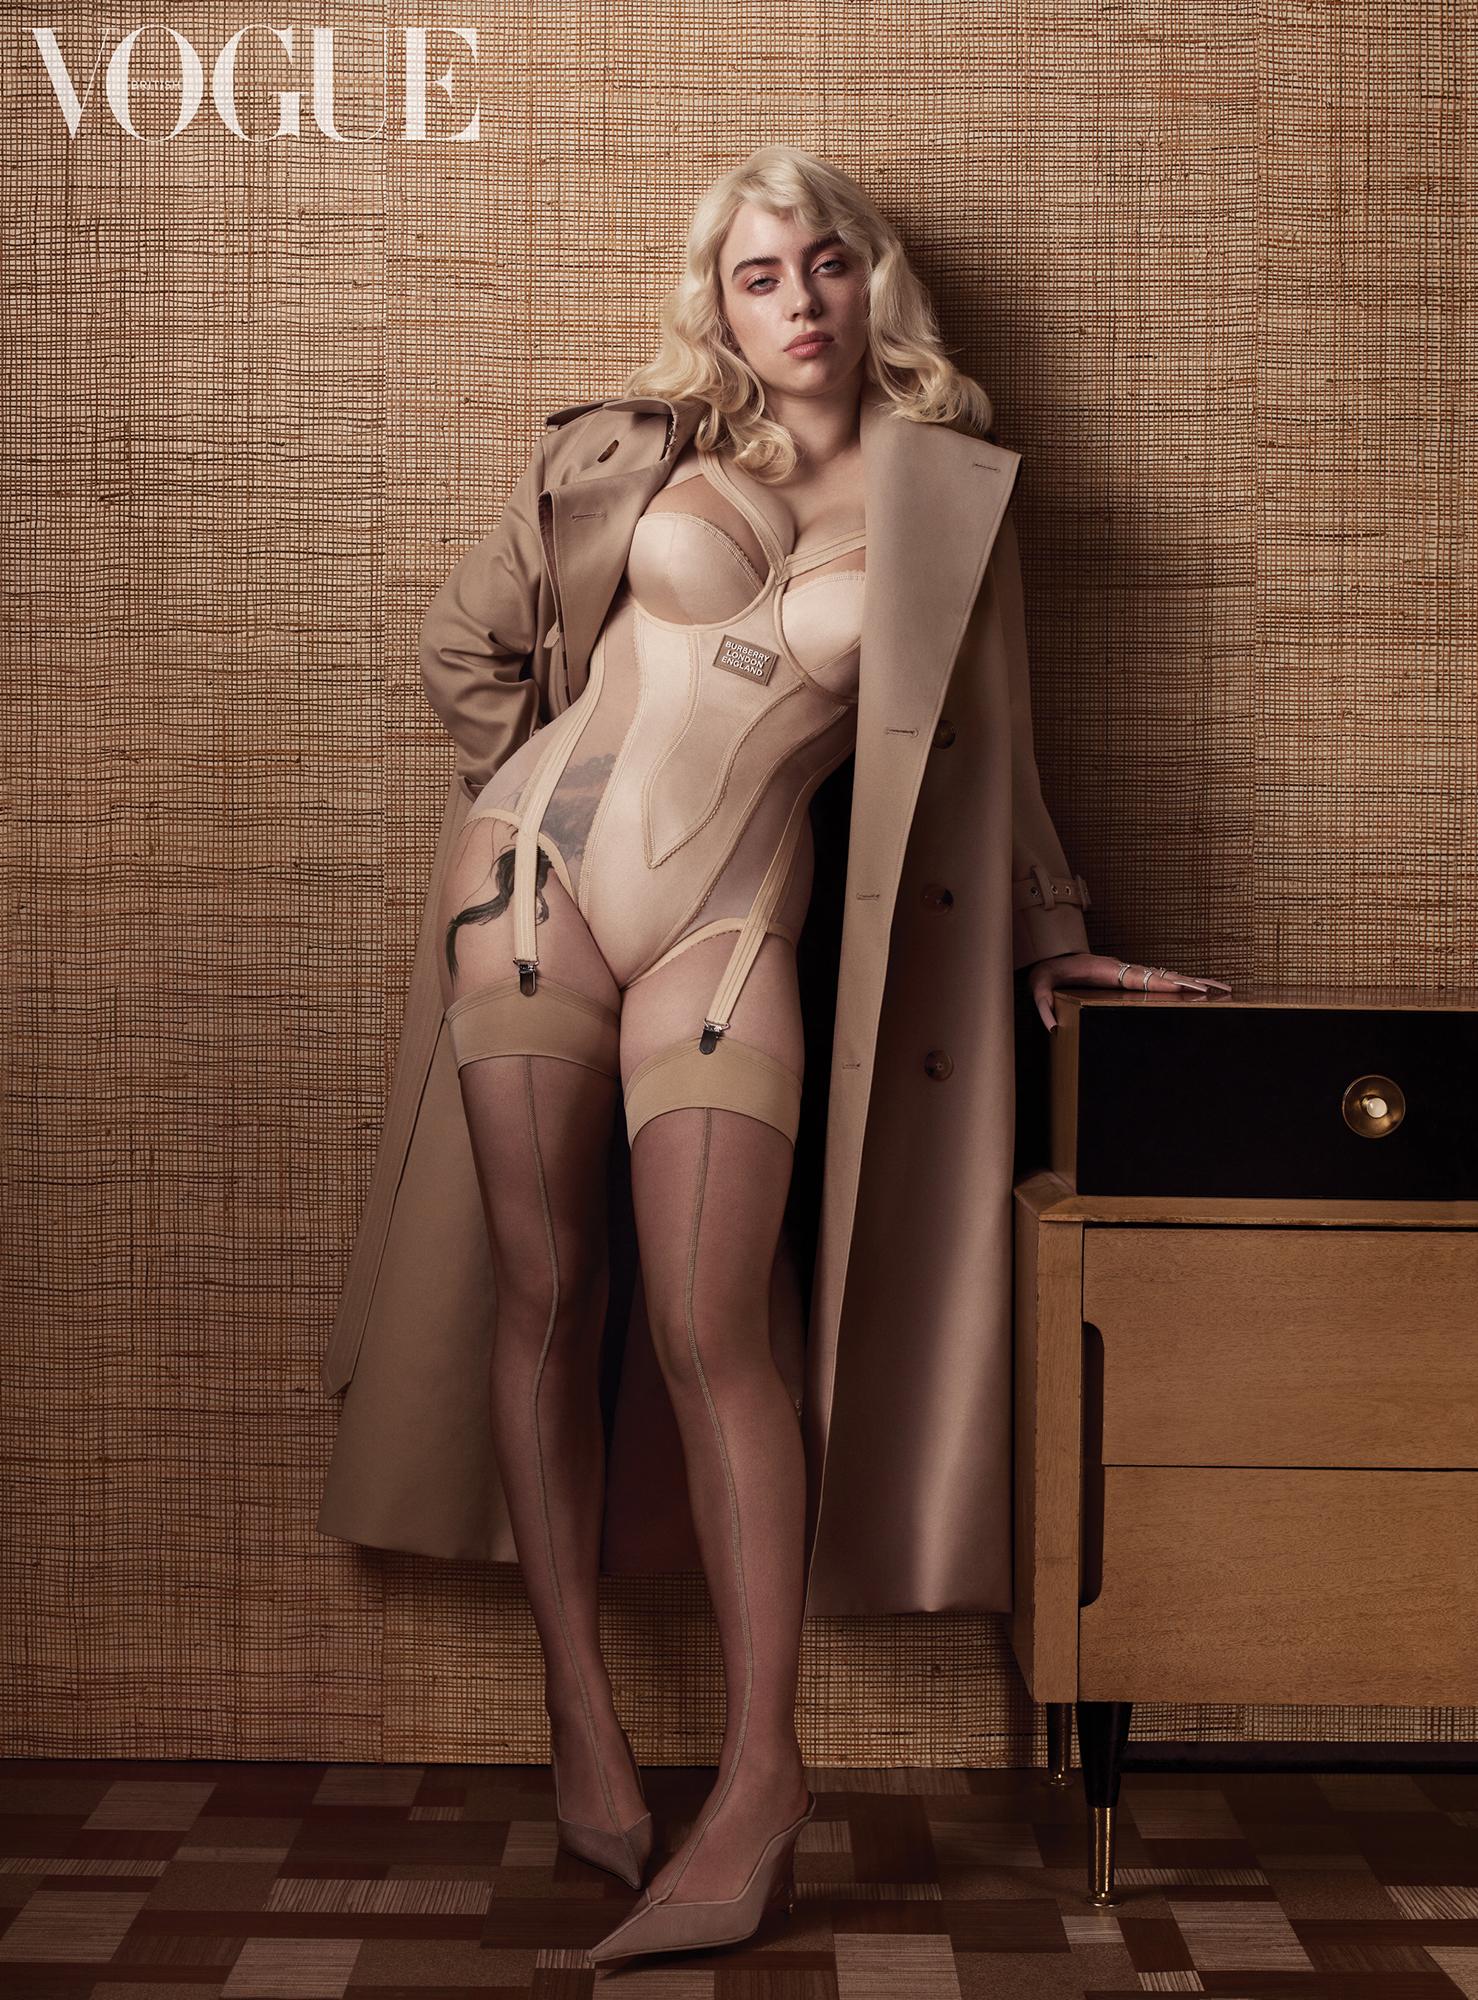 NO REUSE Billie Eilish for June British Vogue NO REUSE